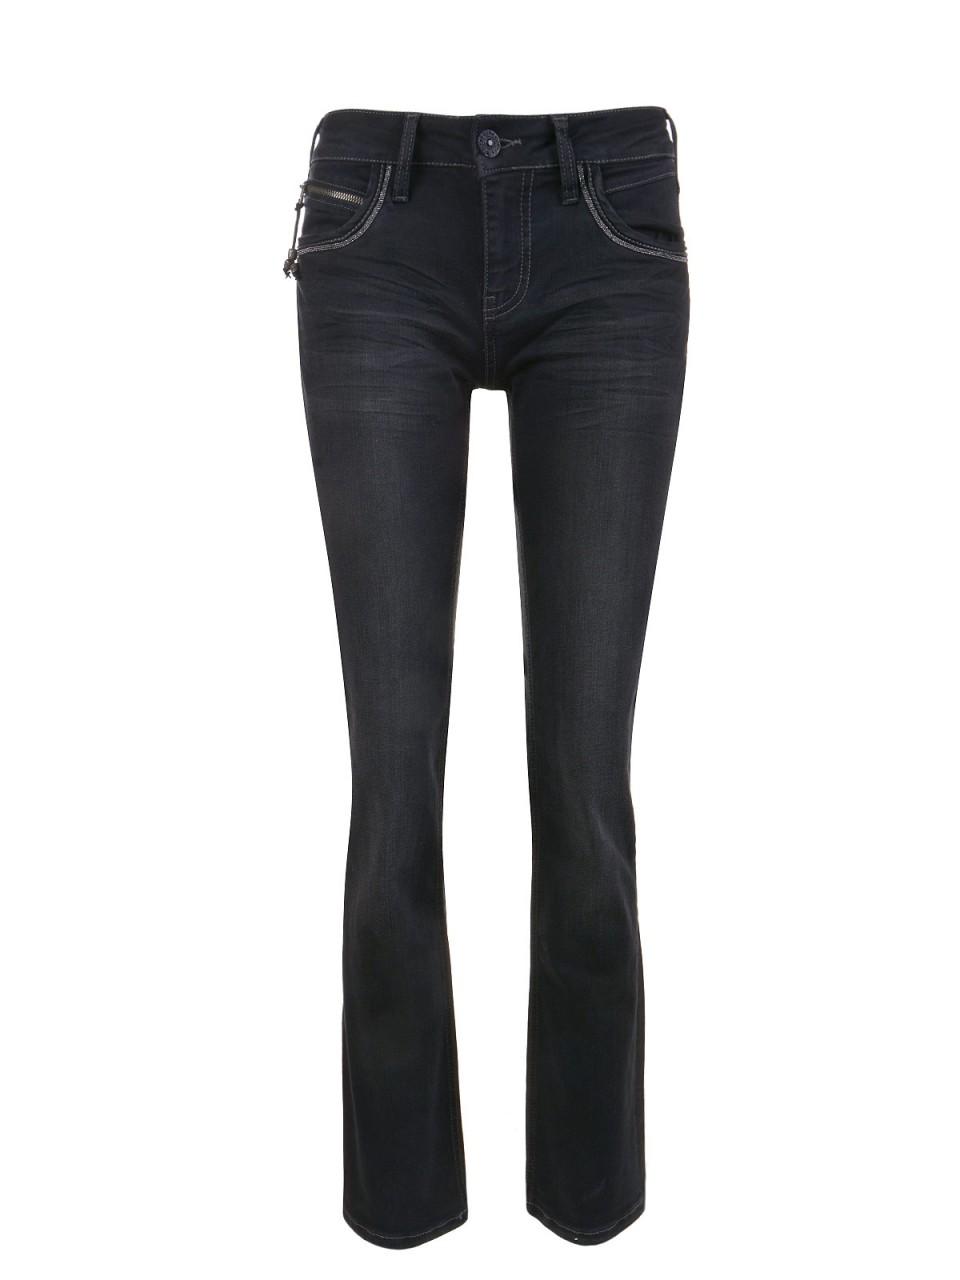 att-damen-jeans-stella-schwarz